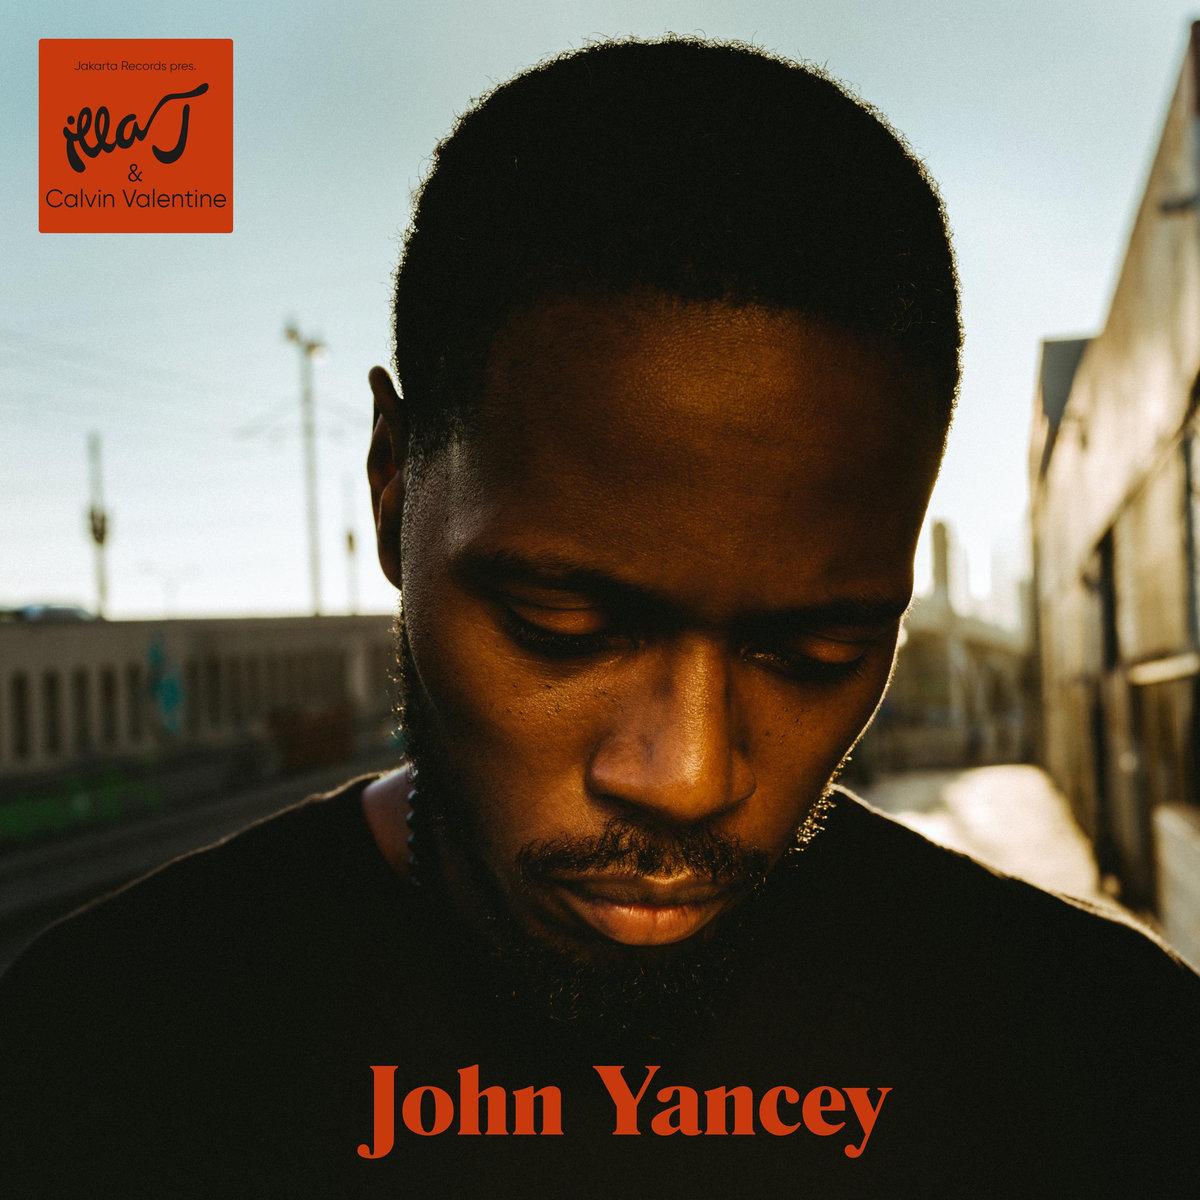 John_yancey